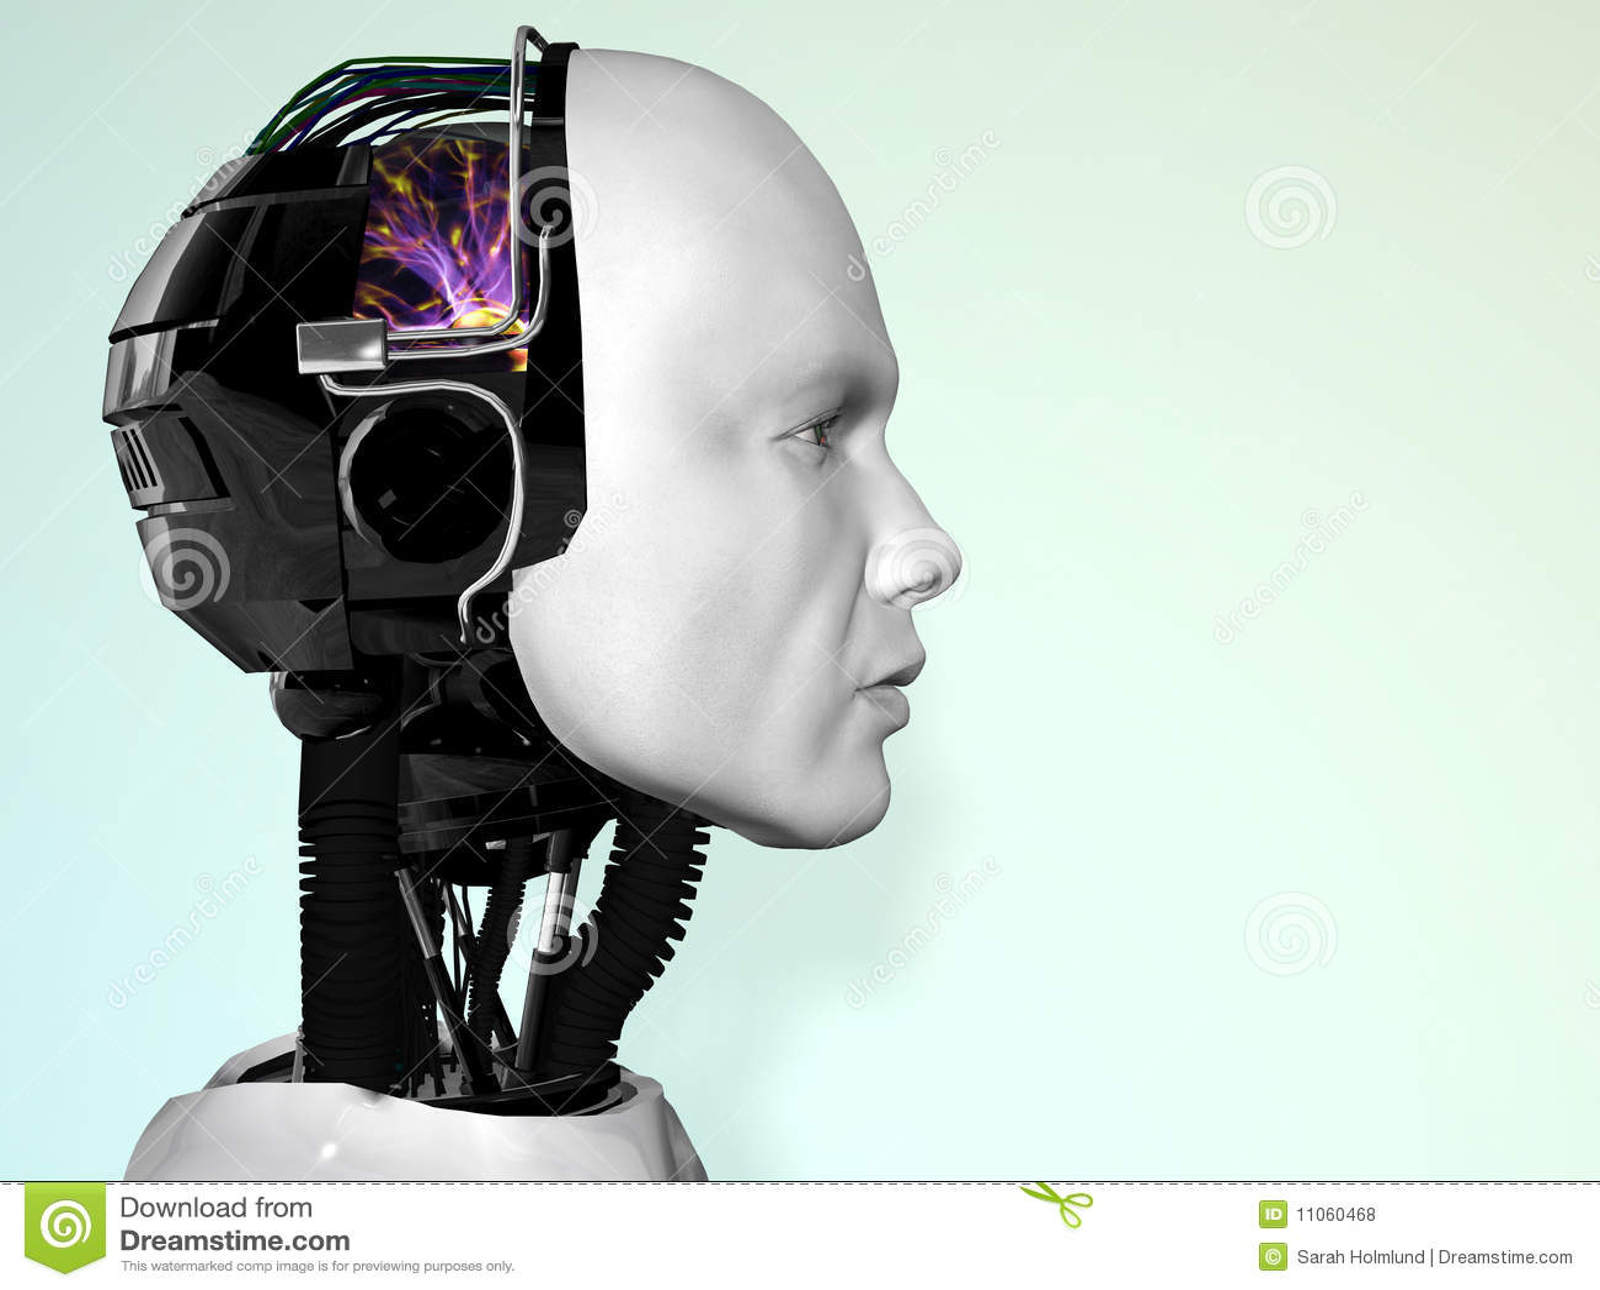 Artificial intelligence girl friend nackt video